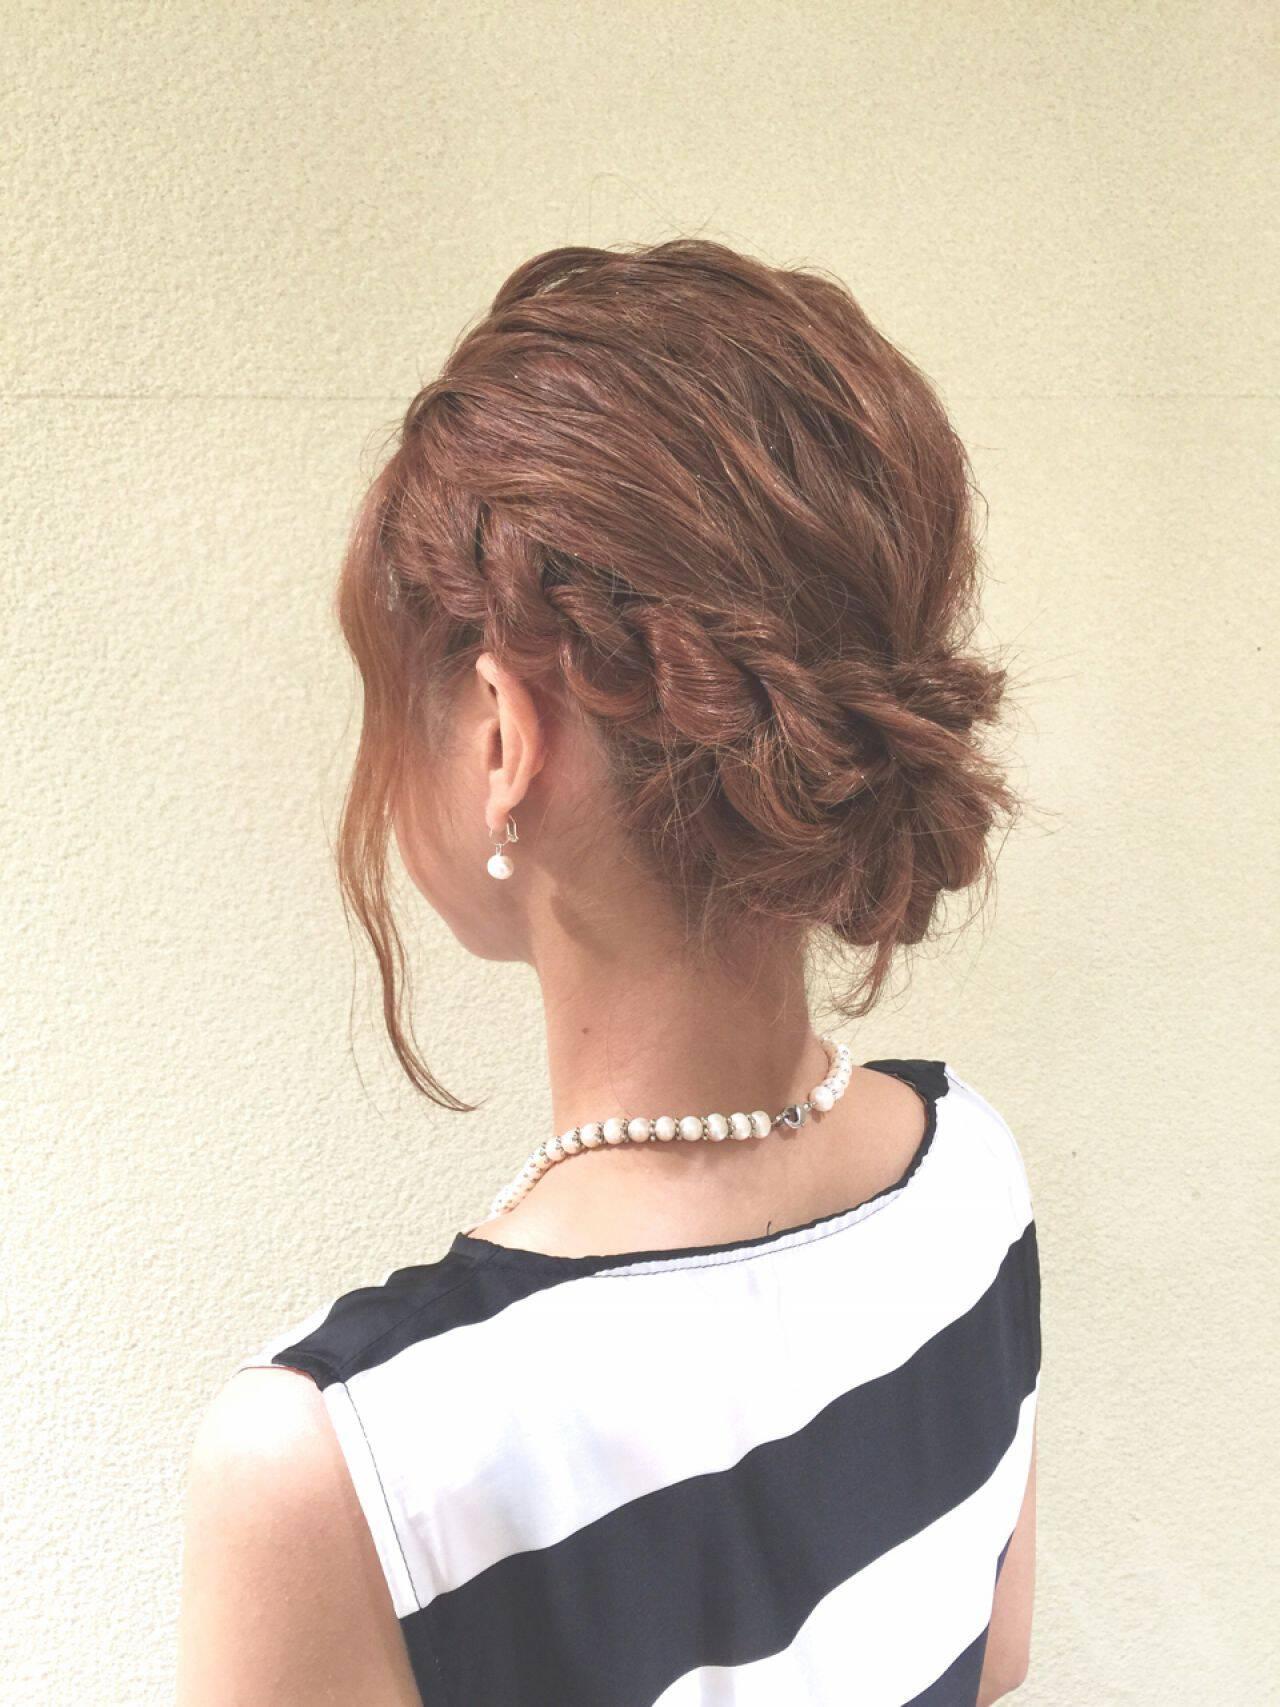 ヘアアレンジ ミディアム 結婚式 パーティヘアスタイルや髪型の写真・画像